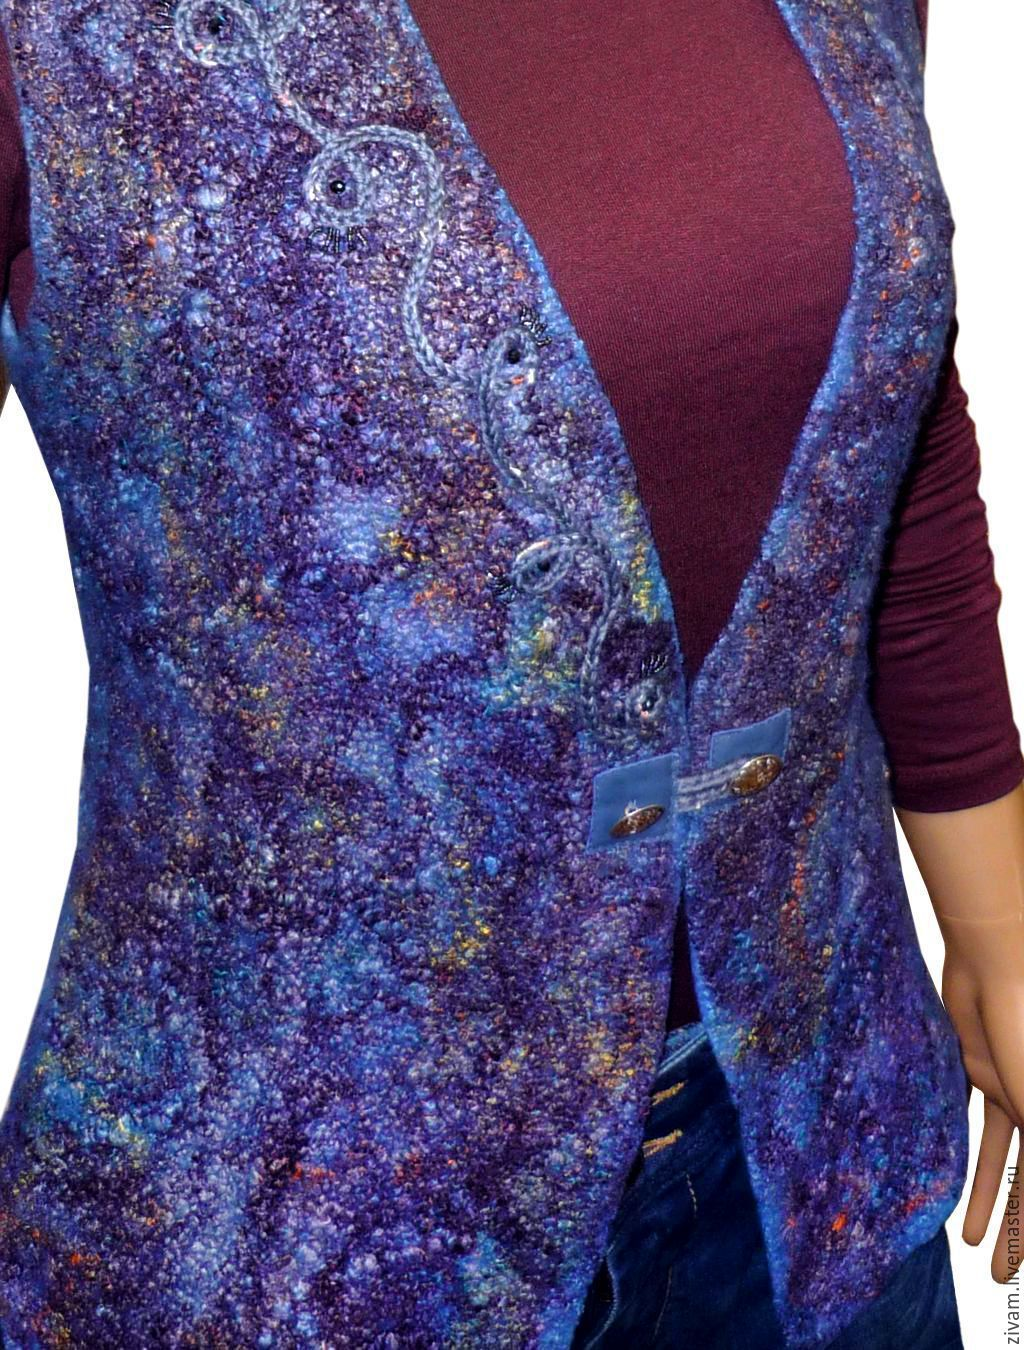 """Купить Двусторонний валяный жилет """"В ожидании чуда..."""" - синий, абстрактный, многоцветный"""